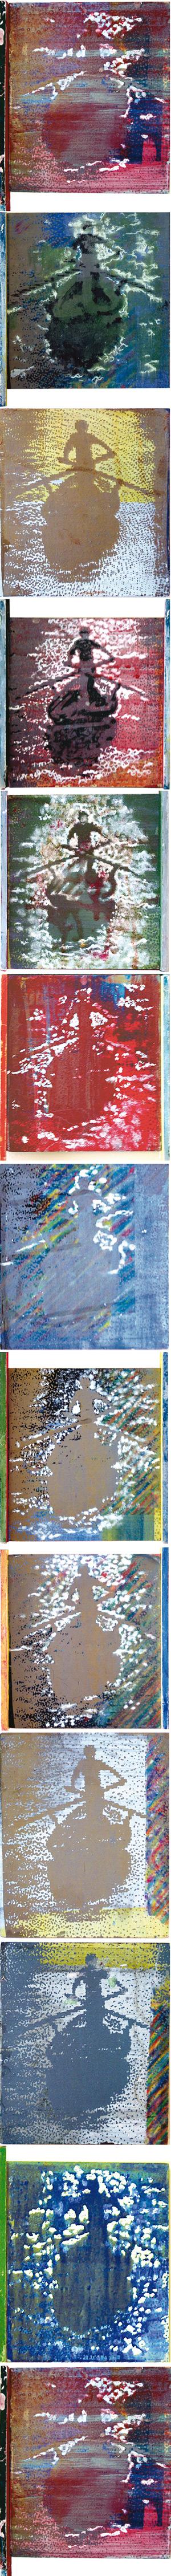 Tu isla 5, 2003, serigrafía, óleo y témpera sobre tabla, 221 x 15 cm